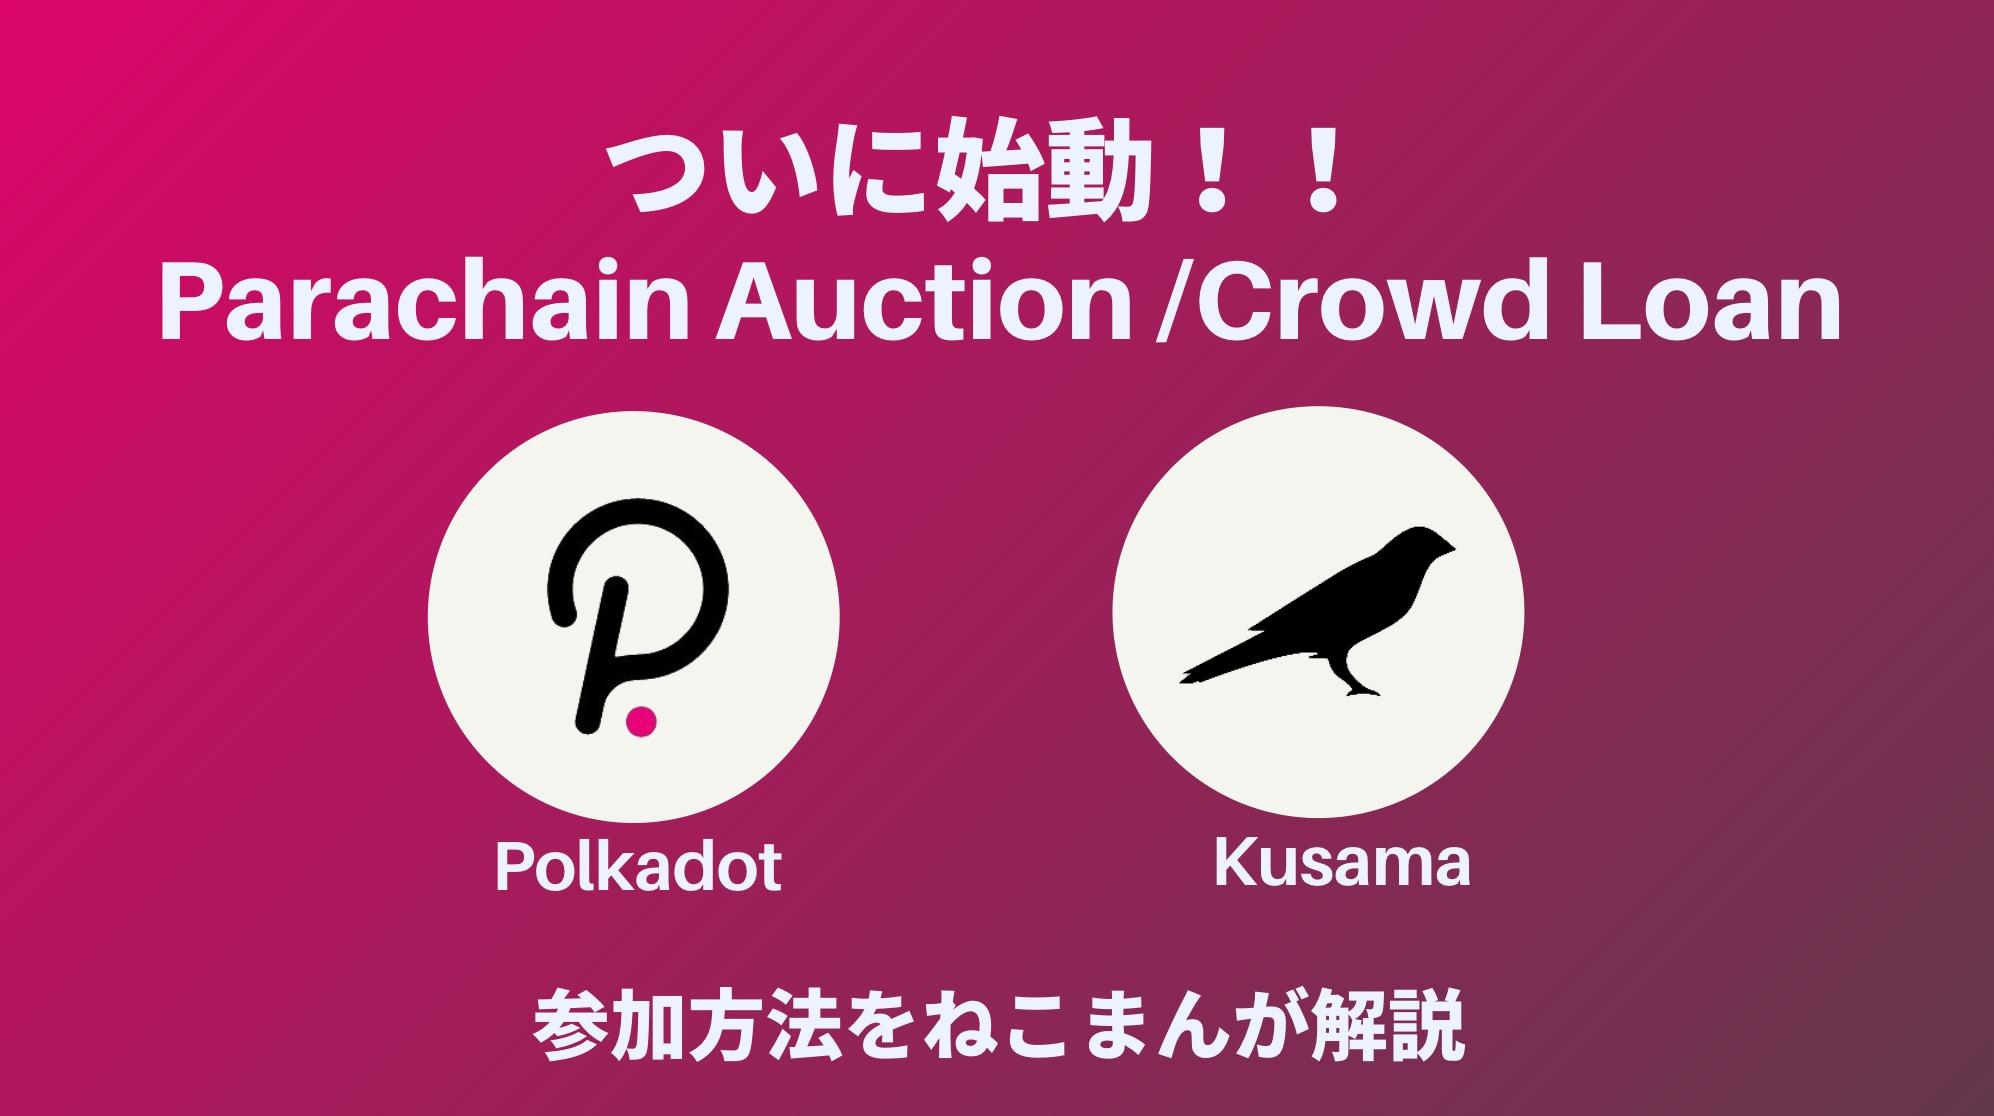 【初心者向け】Parachain Auction / Crowd Loanとは?参加方法も解説します。